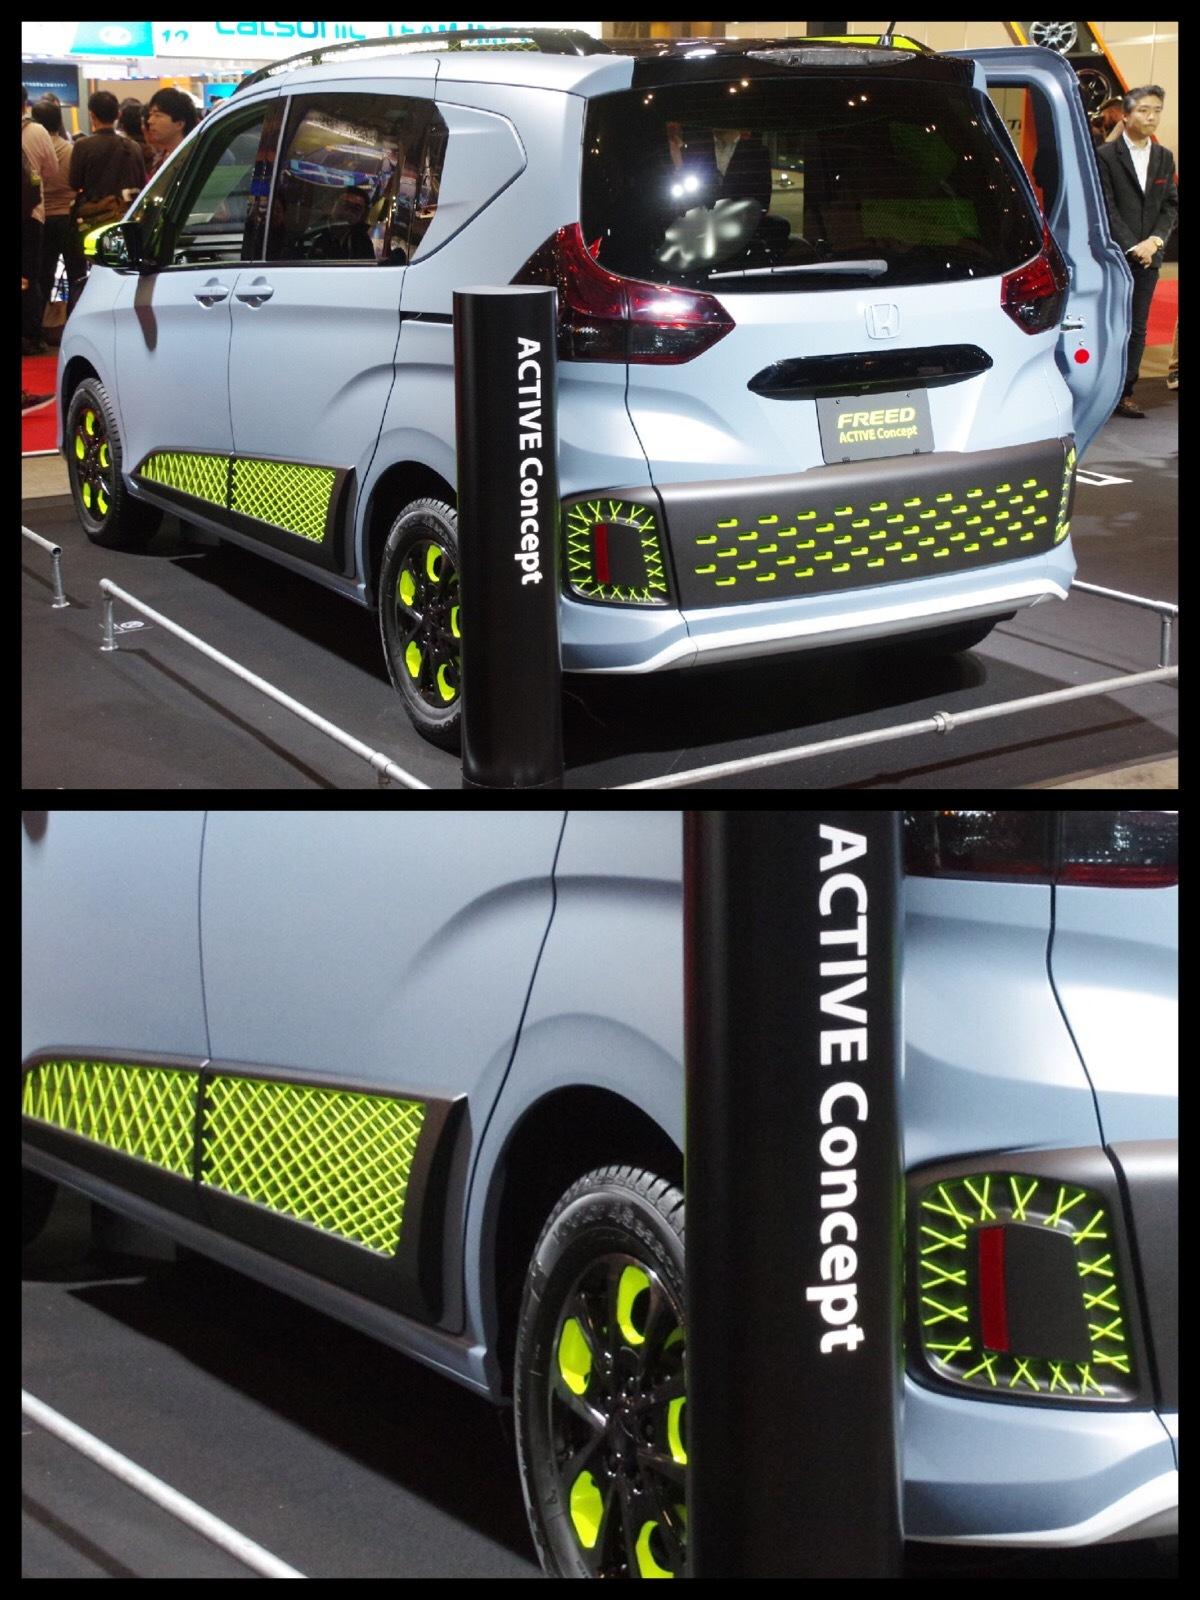 ホンダ フリード ACTIVE Concept 東京オートサロン2017